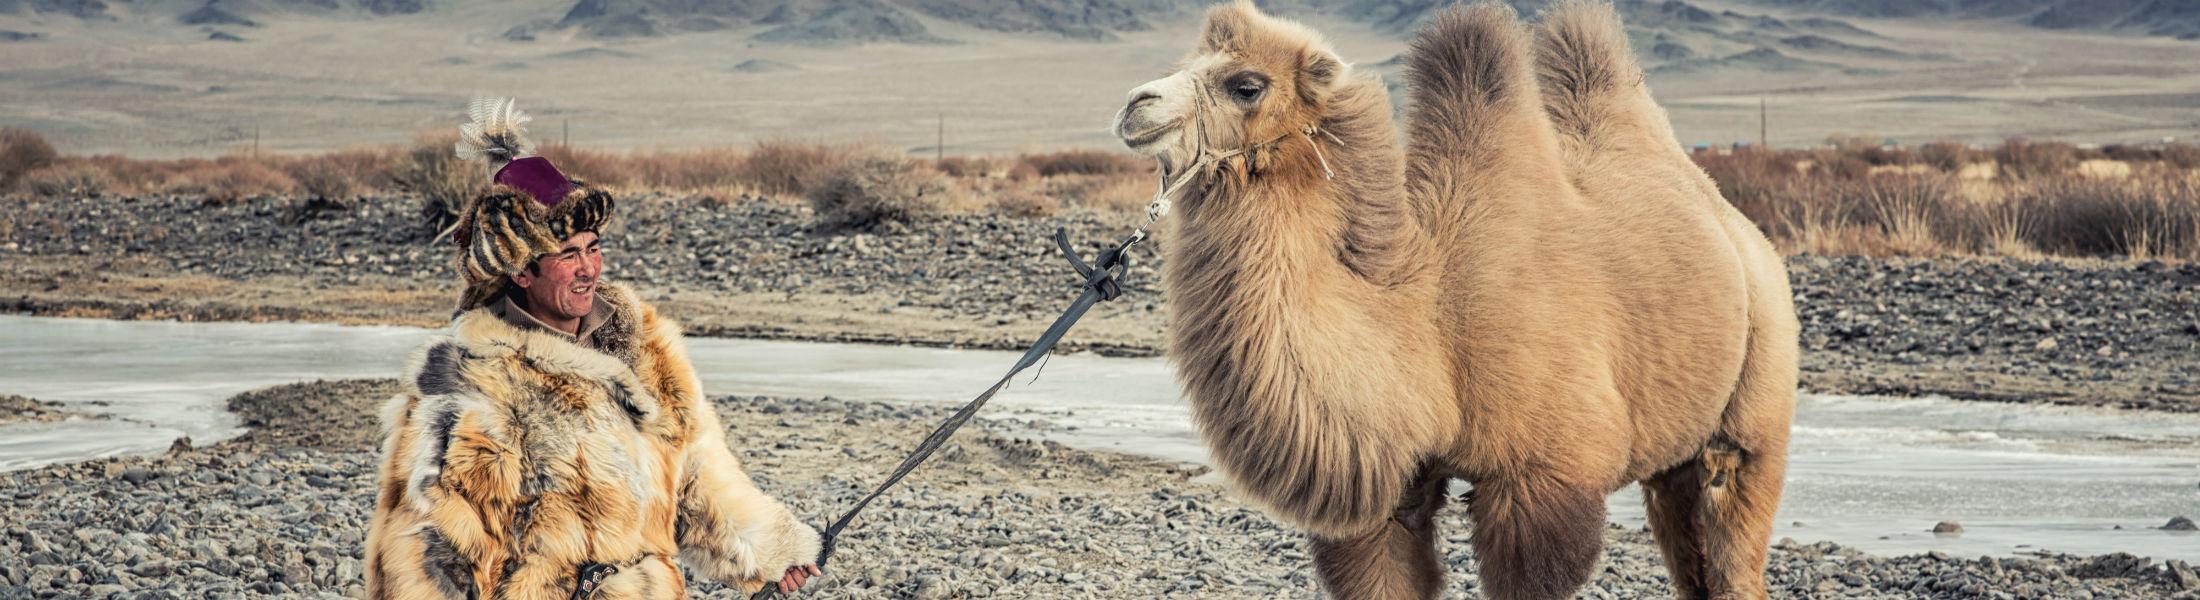 Mongolia Altai Mountain